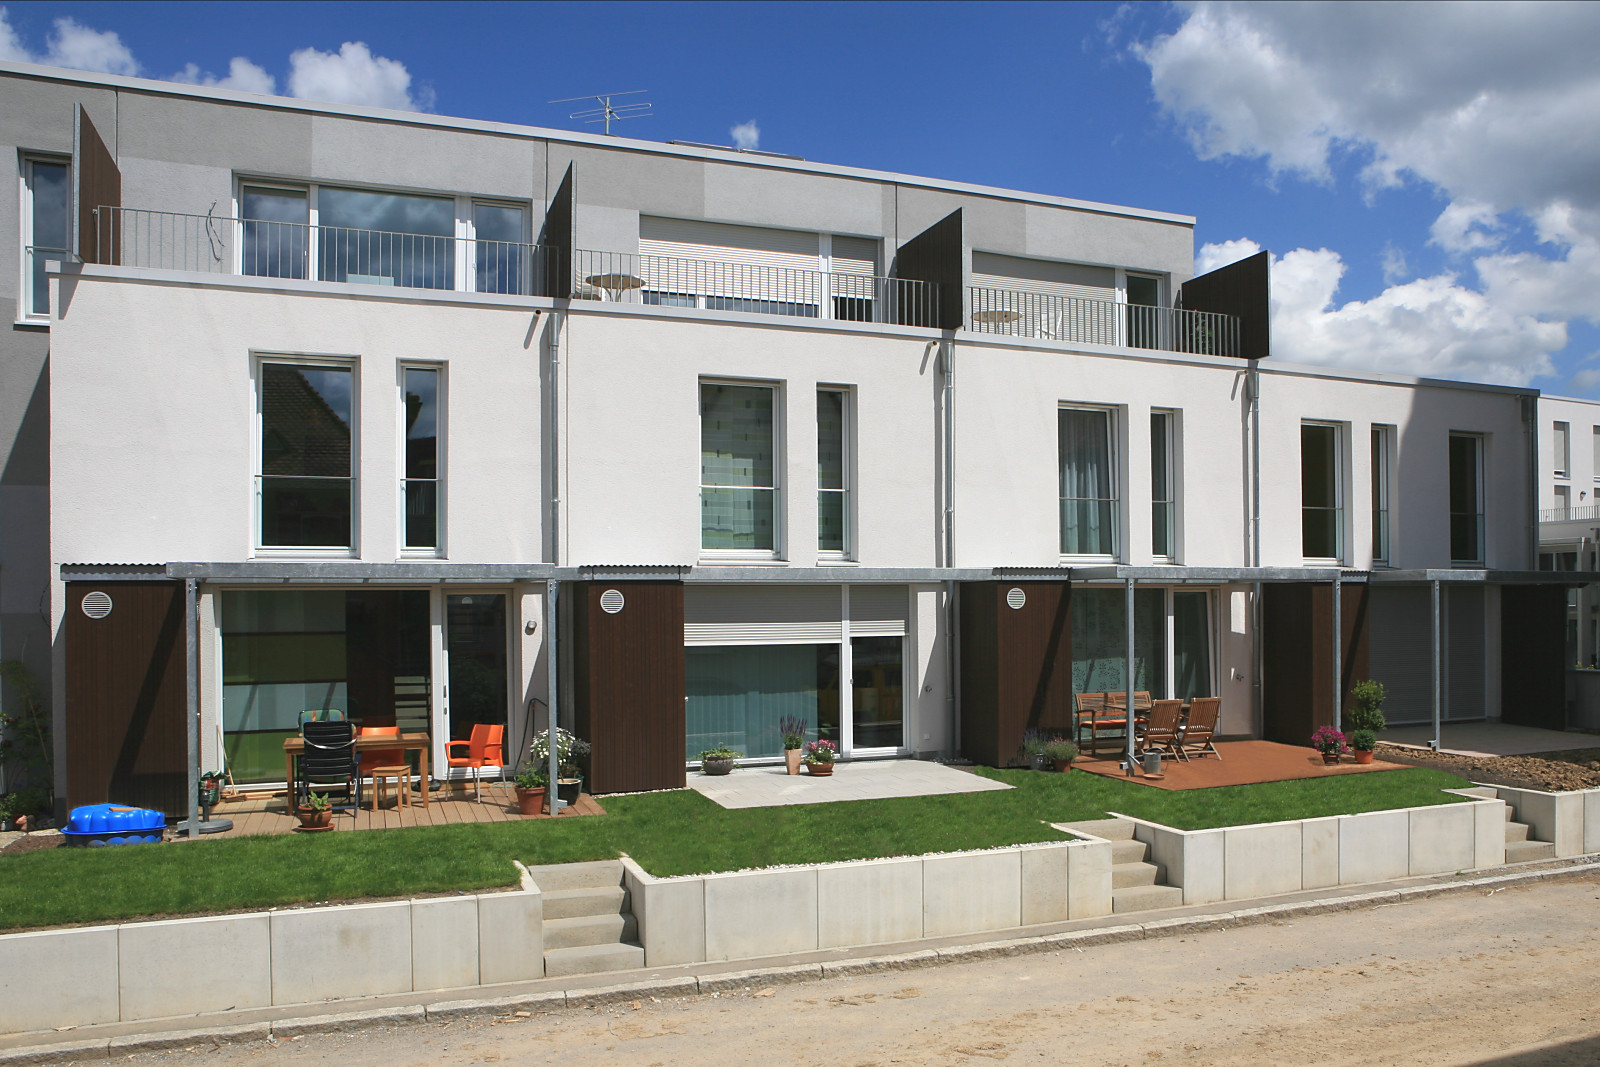 kosten- und flächensparende Stadthäuser, Endverkaufspreis 2300 Euro/qm